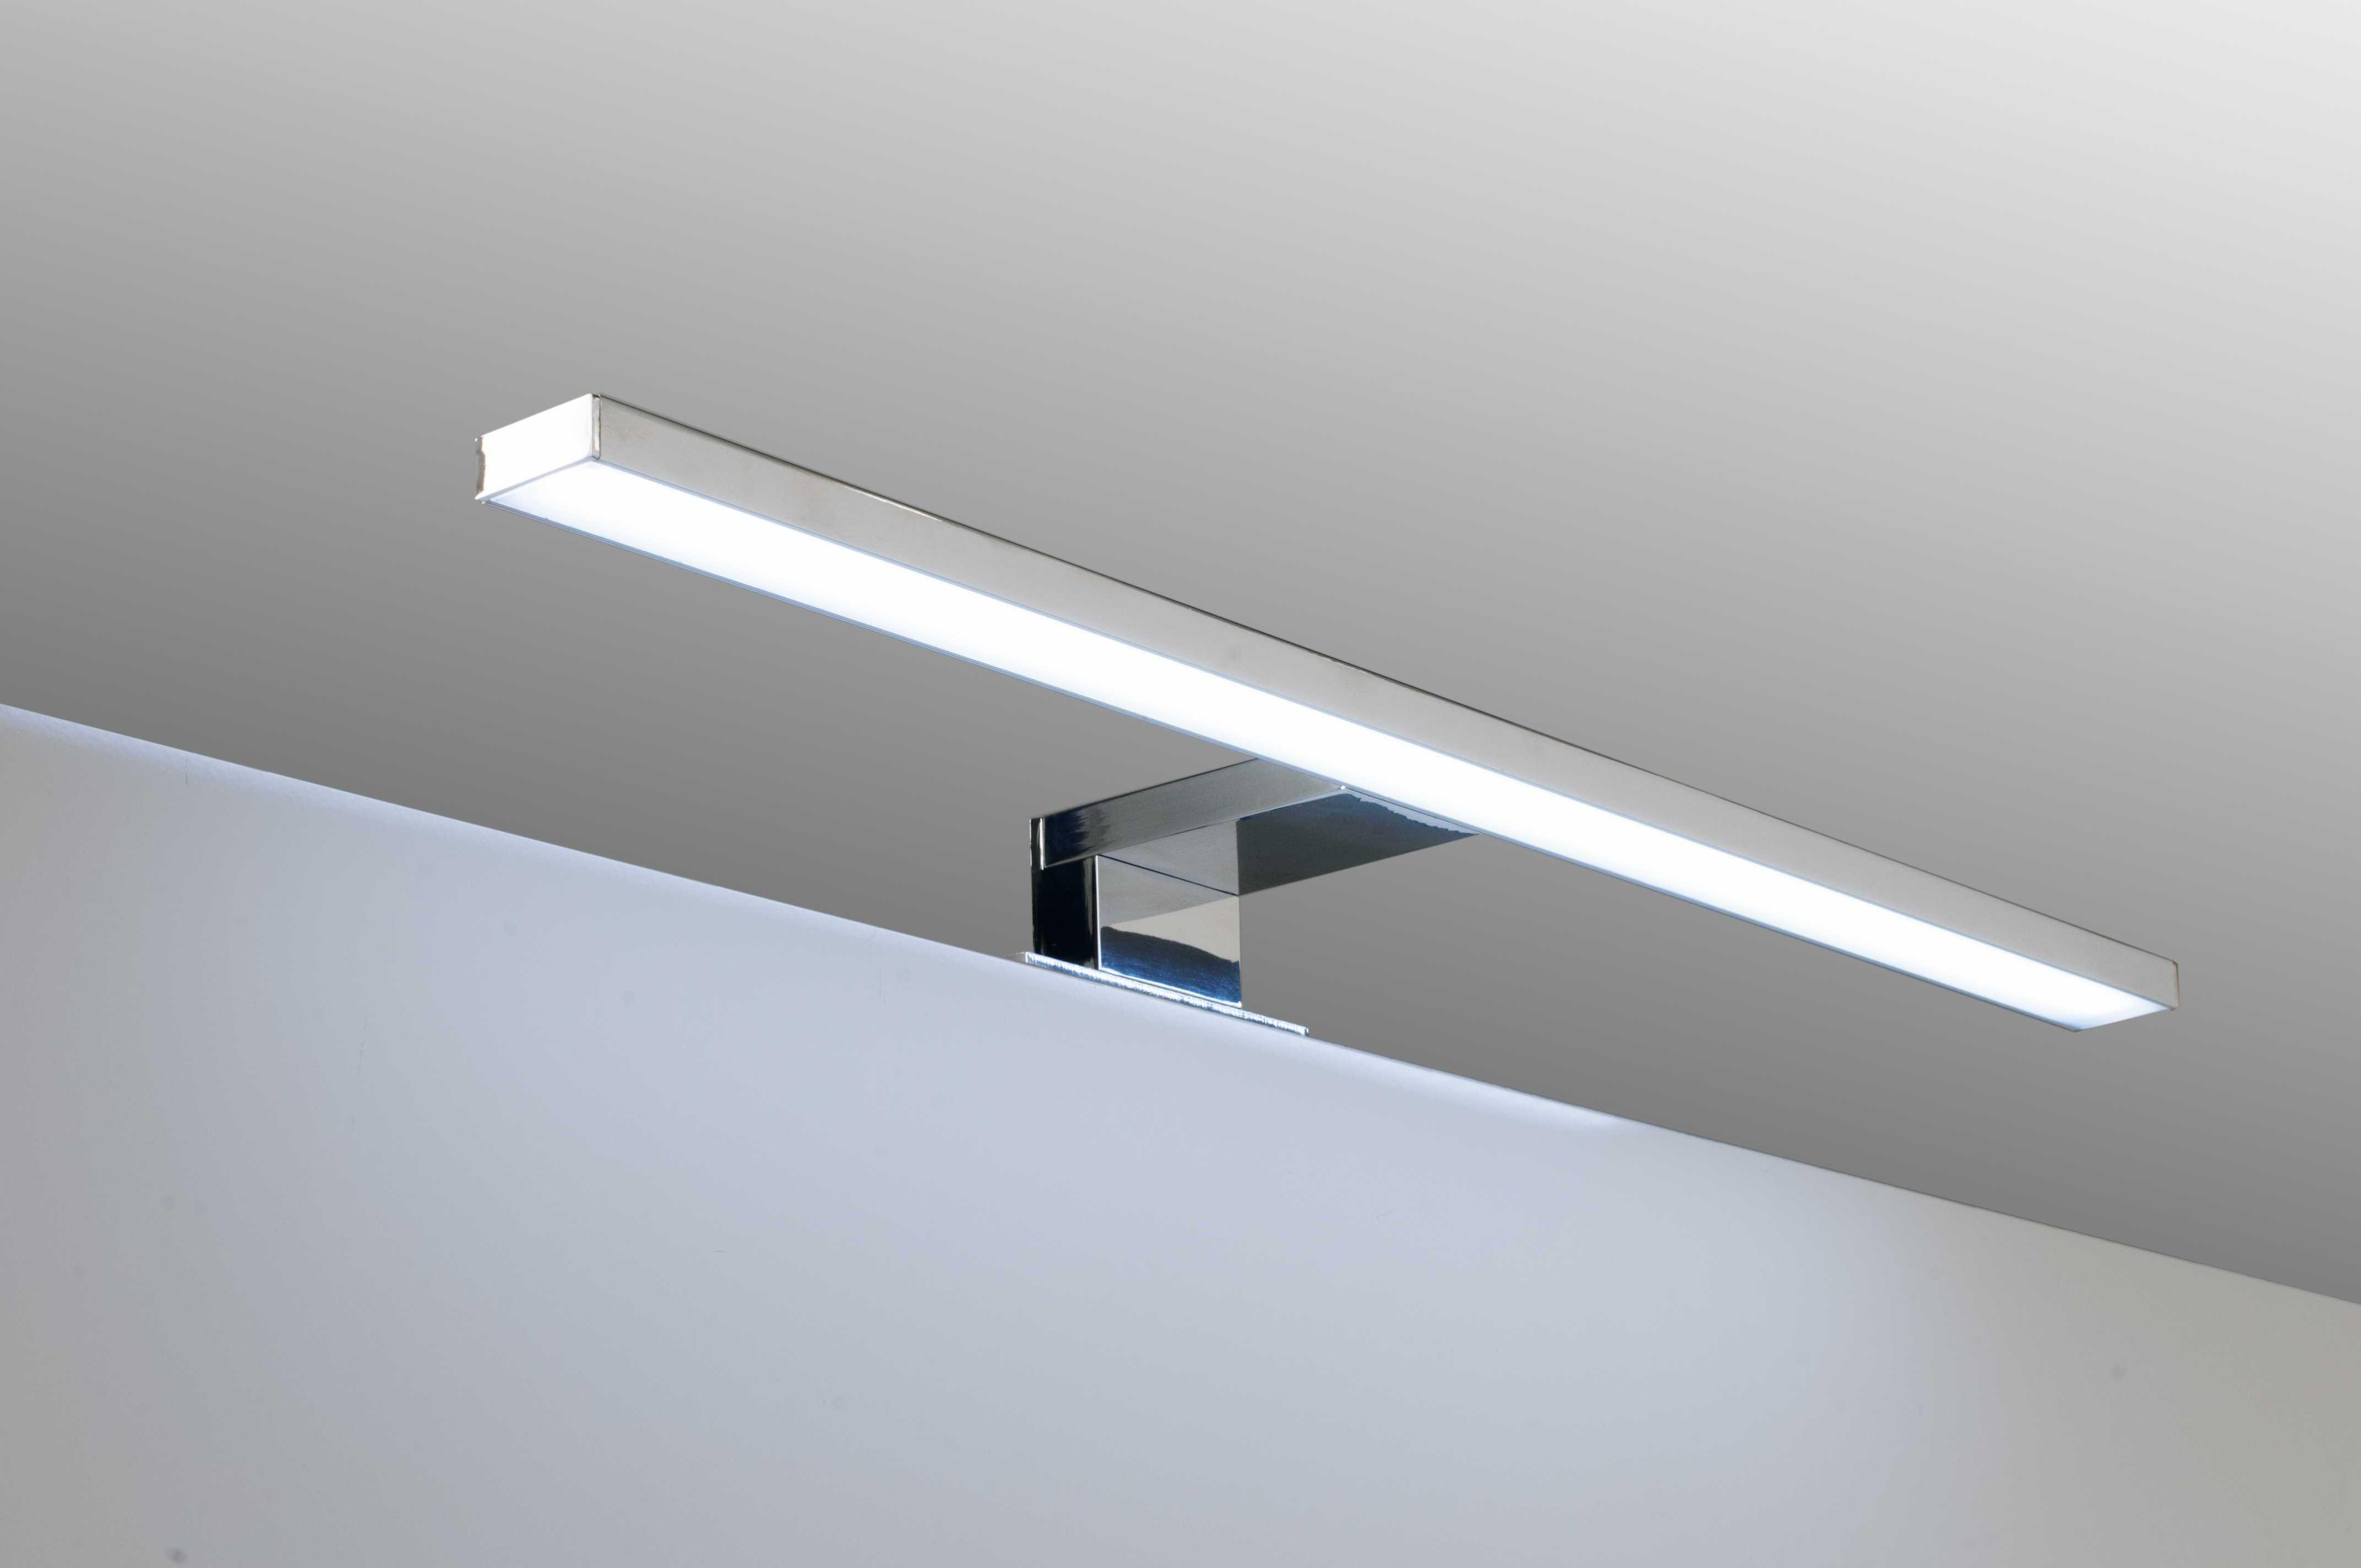 Lampada bagno faretto luce a LED per bordo specchio arredo bagno ...